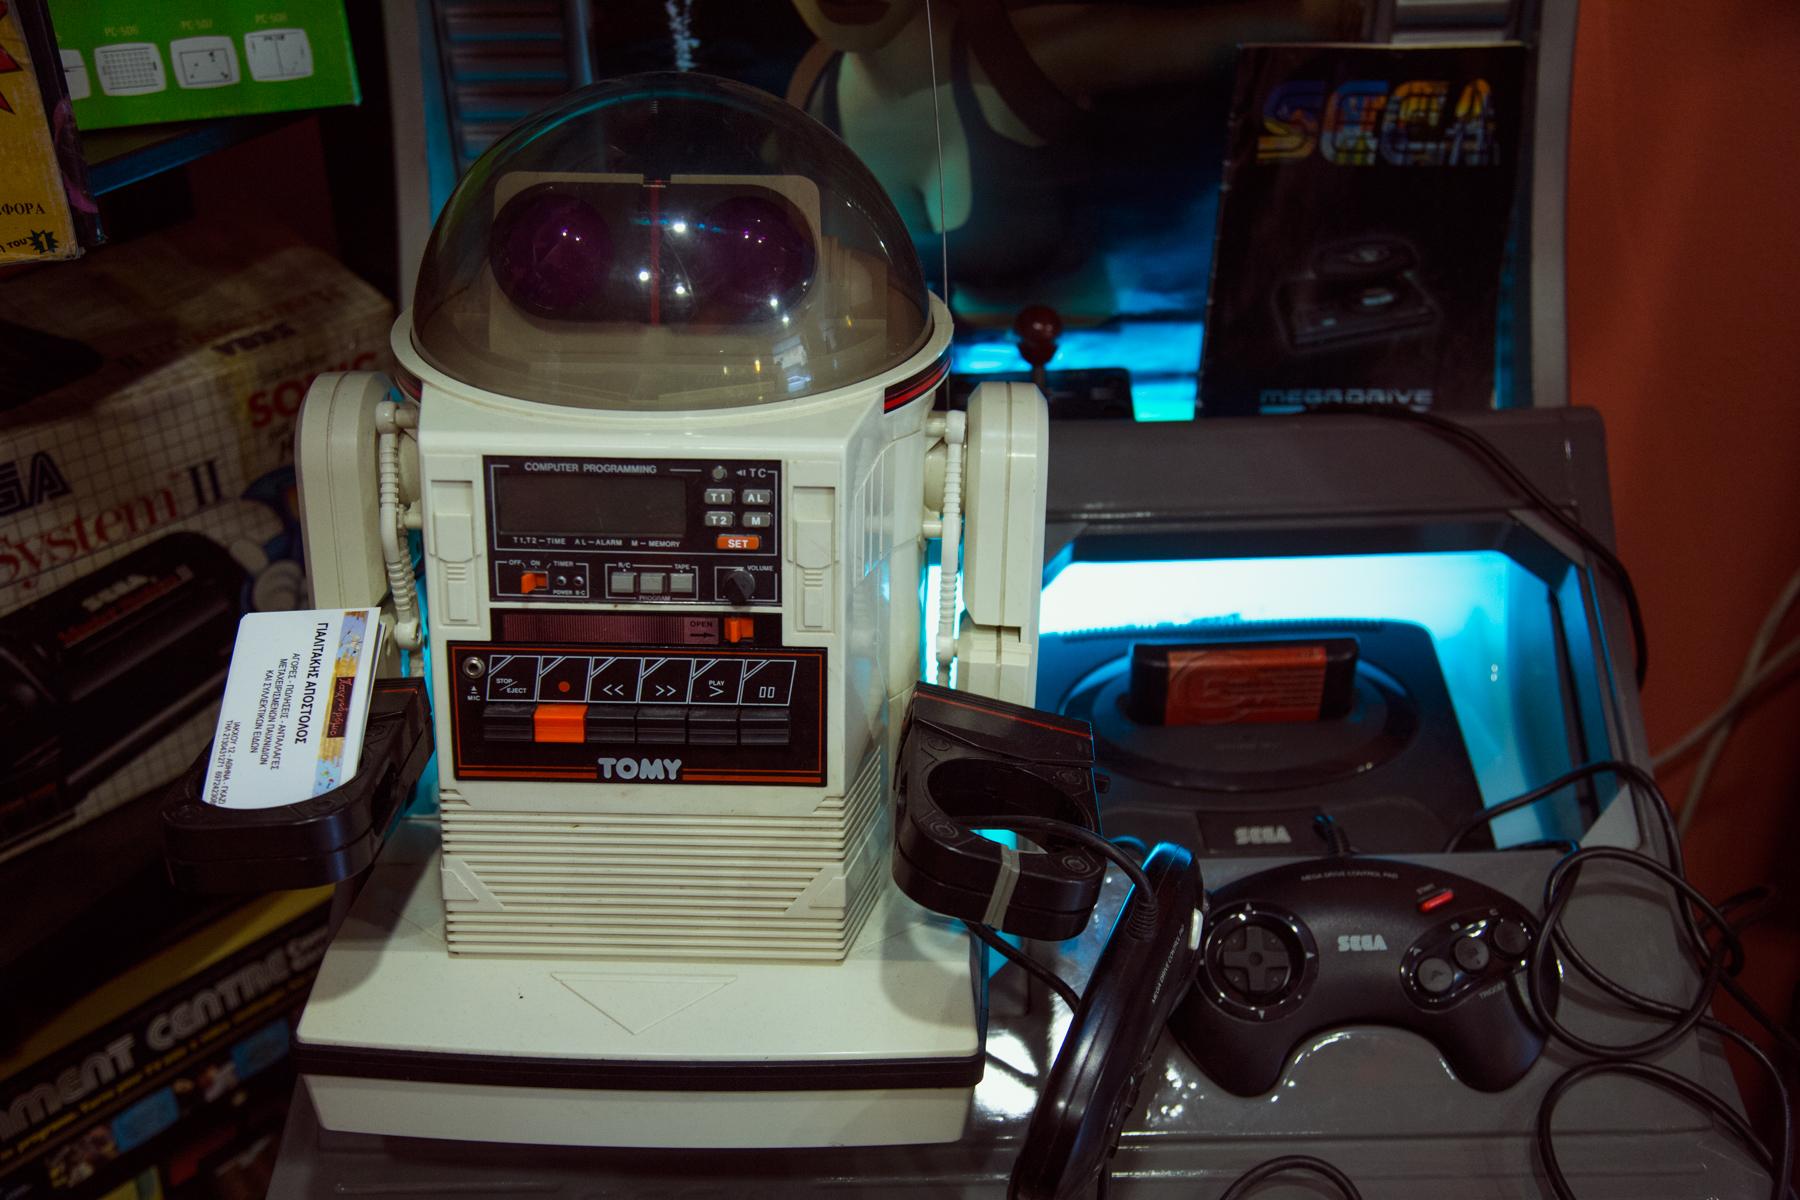 O Tomy, το ρομποτάκι που δούλευε με κασέτα, ποζάρει δίπλα σ'ένα Mega Drive